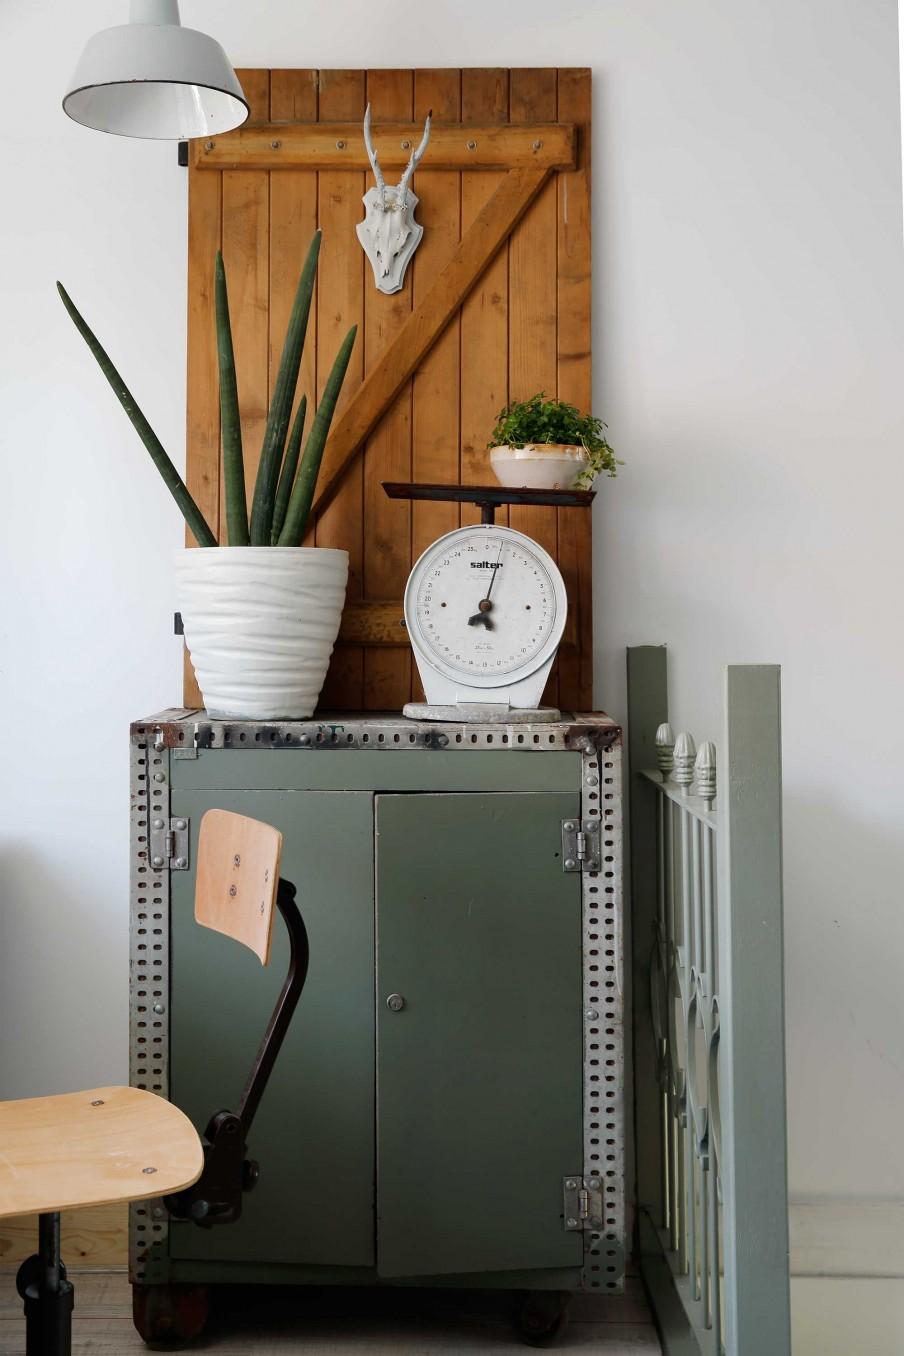 puerta decorativa, aloe vera, estilo industrial, plantas, armario, silla madera, plantas interior, bascula, vintage,